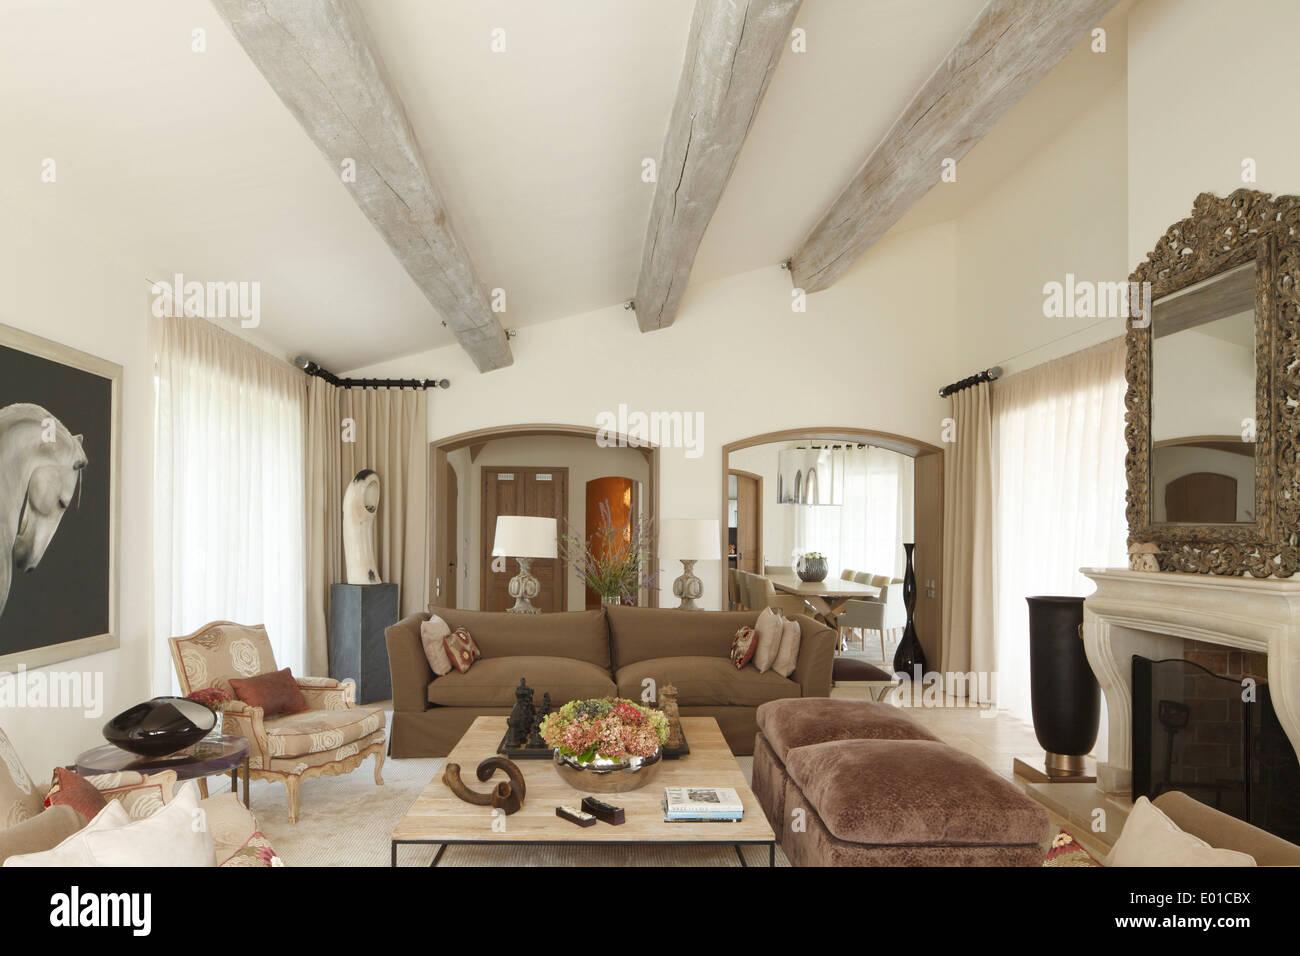 Tende Per Soffitti Inclinati soffitto inclinato immagini & soffitto inclinato fotos stock